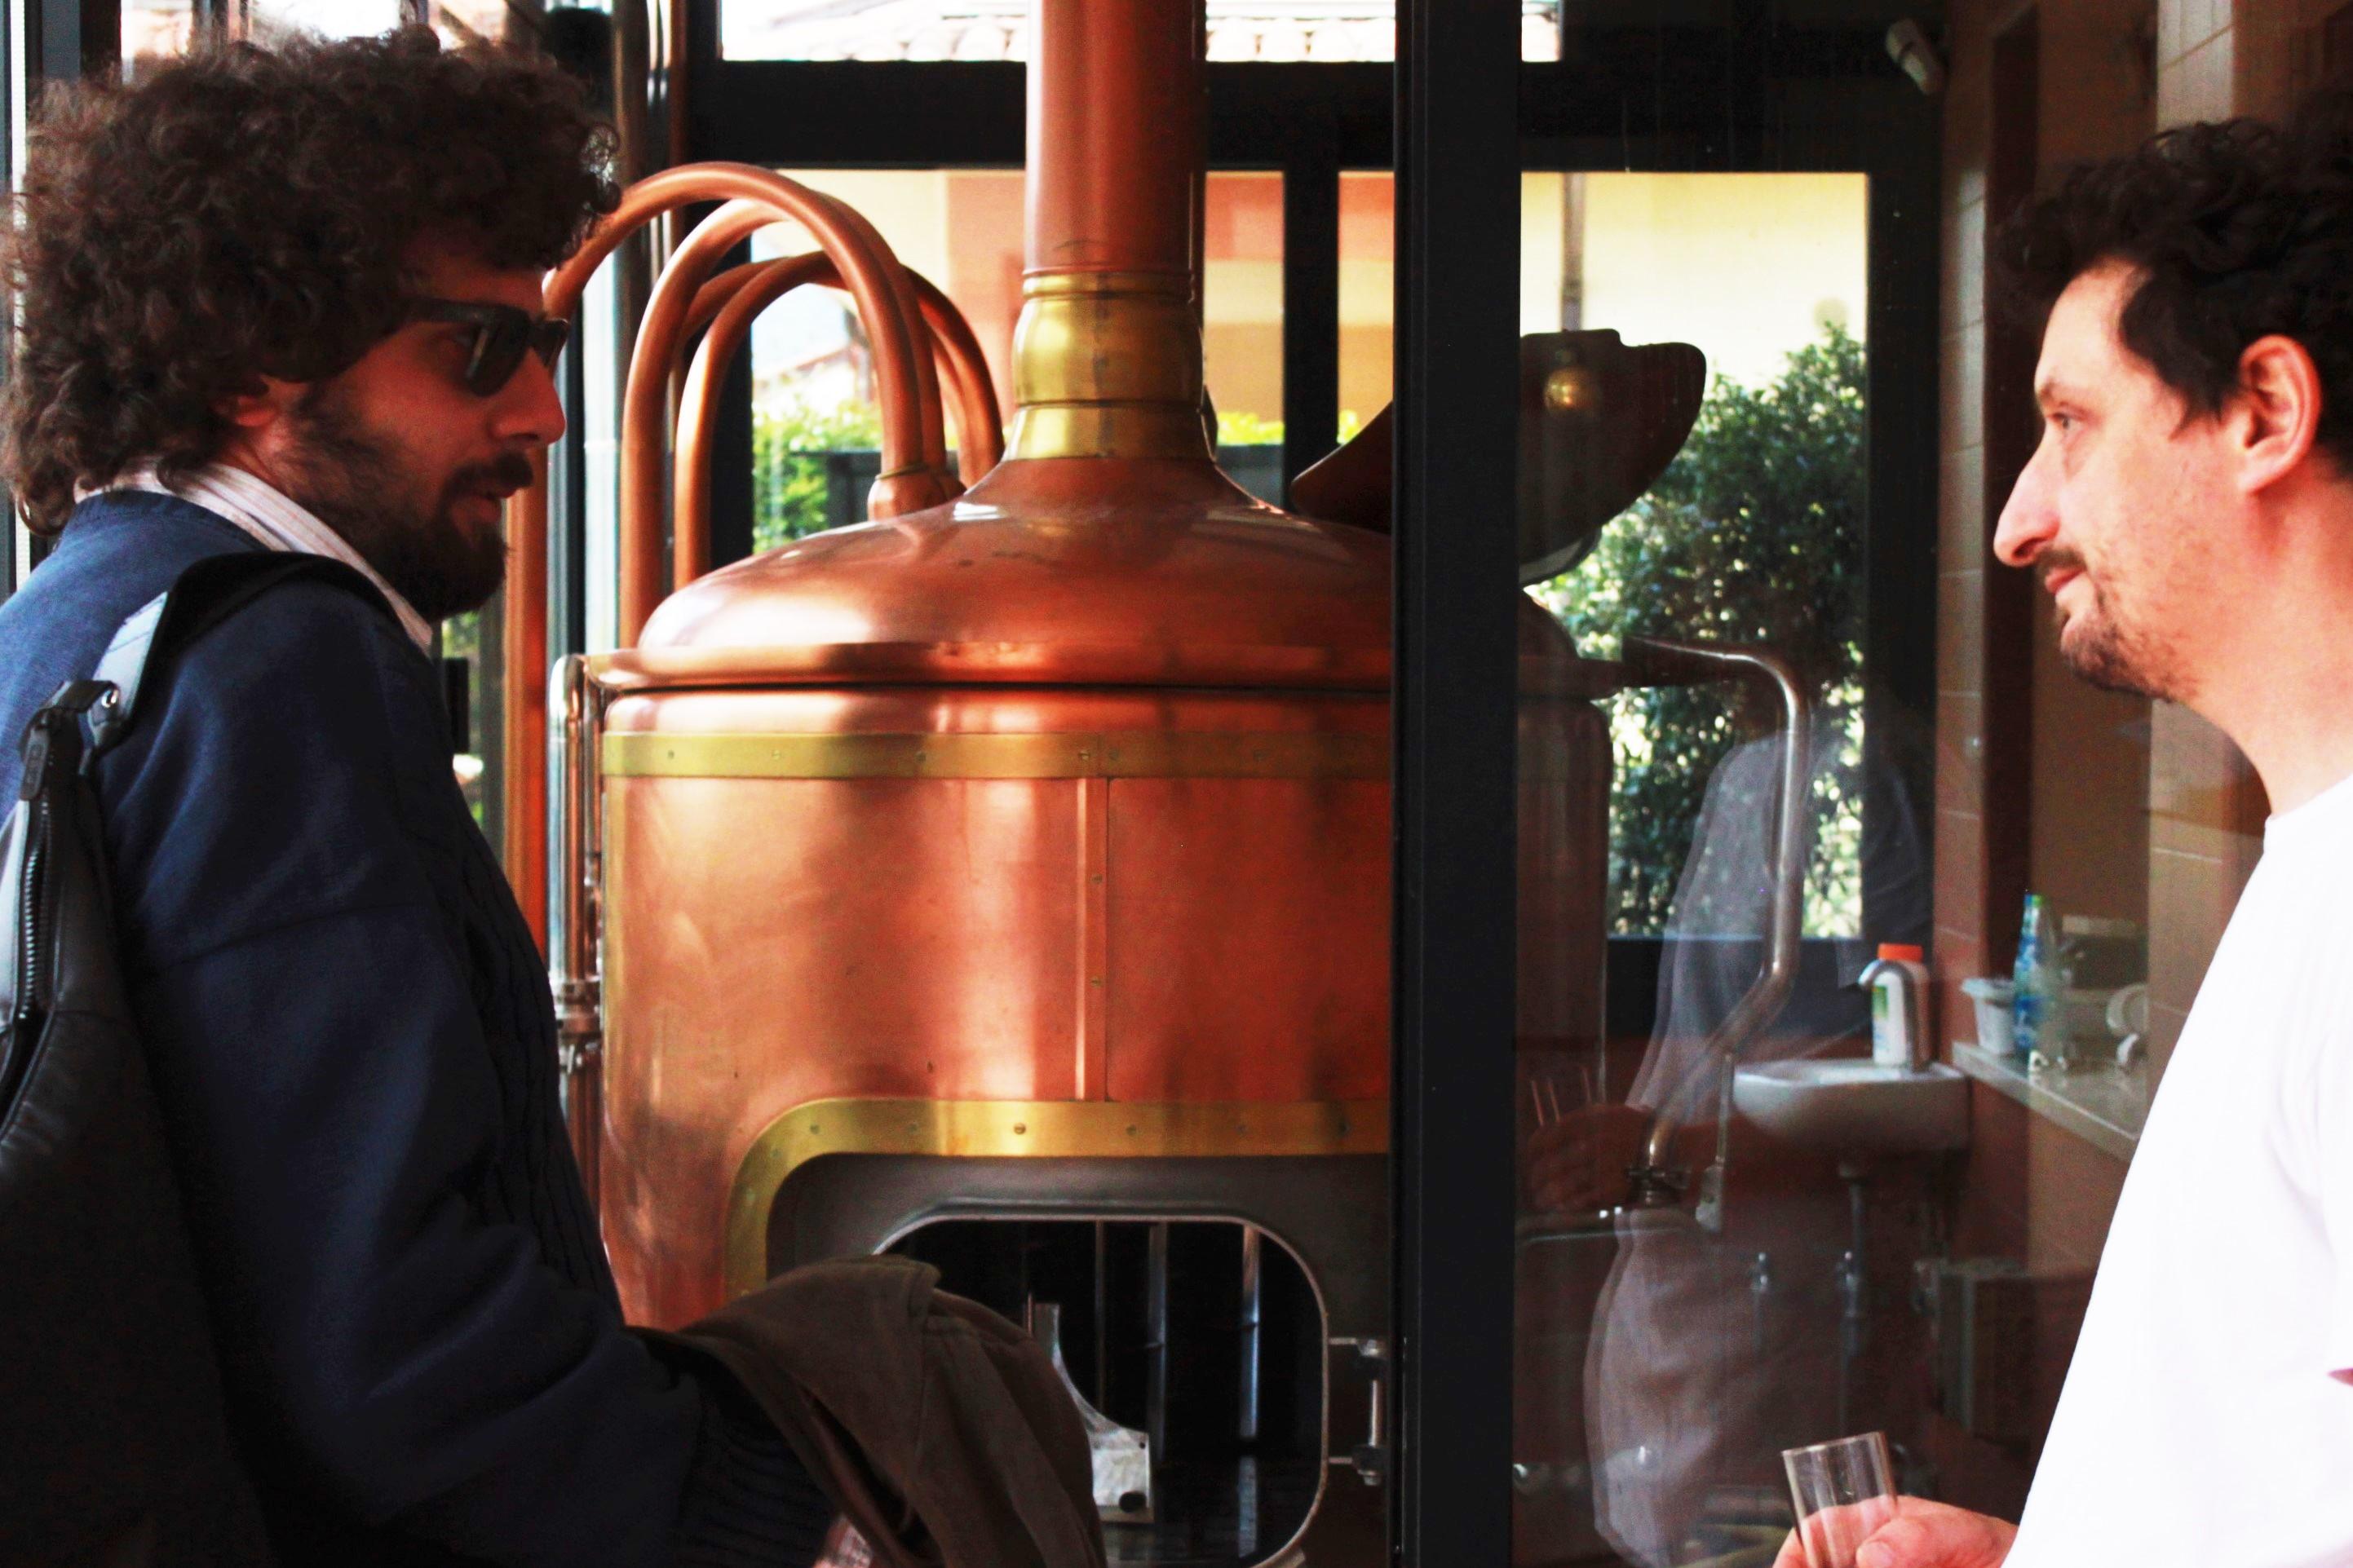 Yeasteria_birrificio sancolodi_fermentazioni_birra